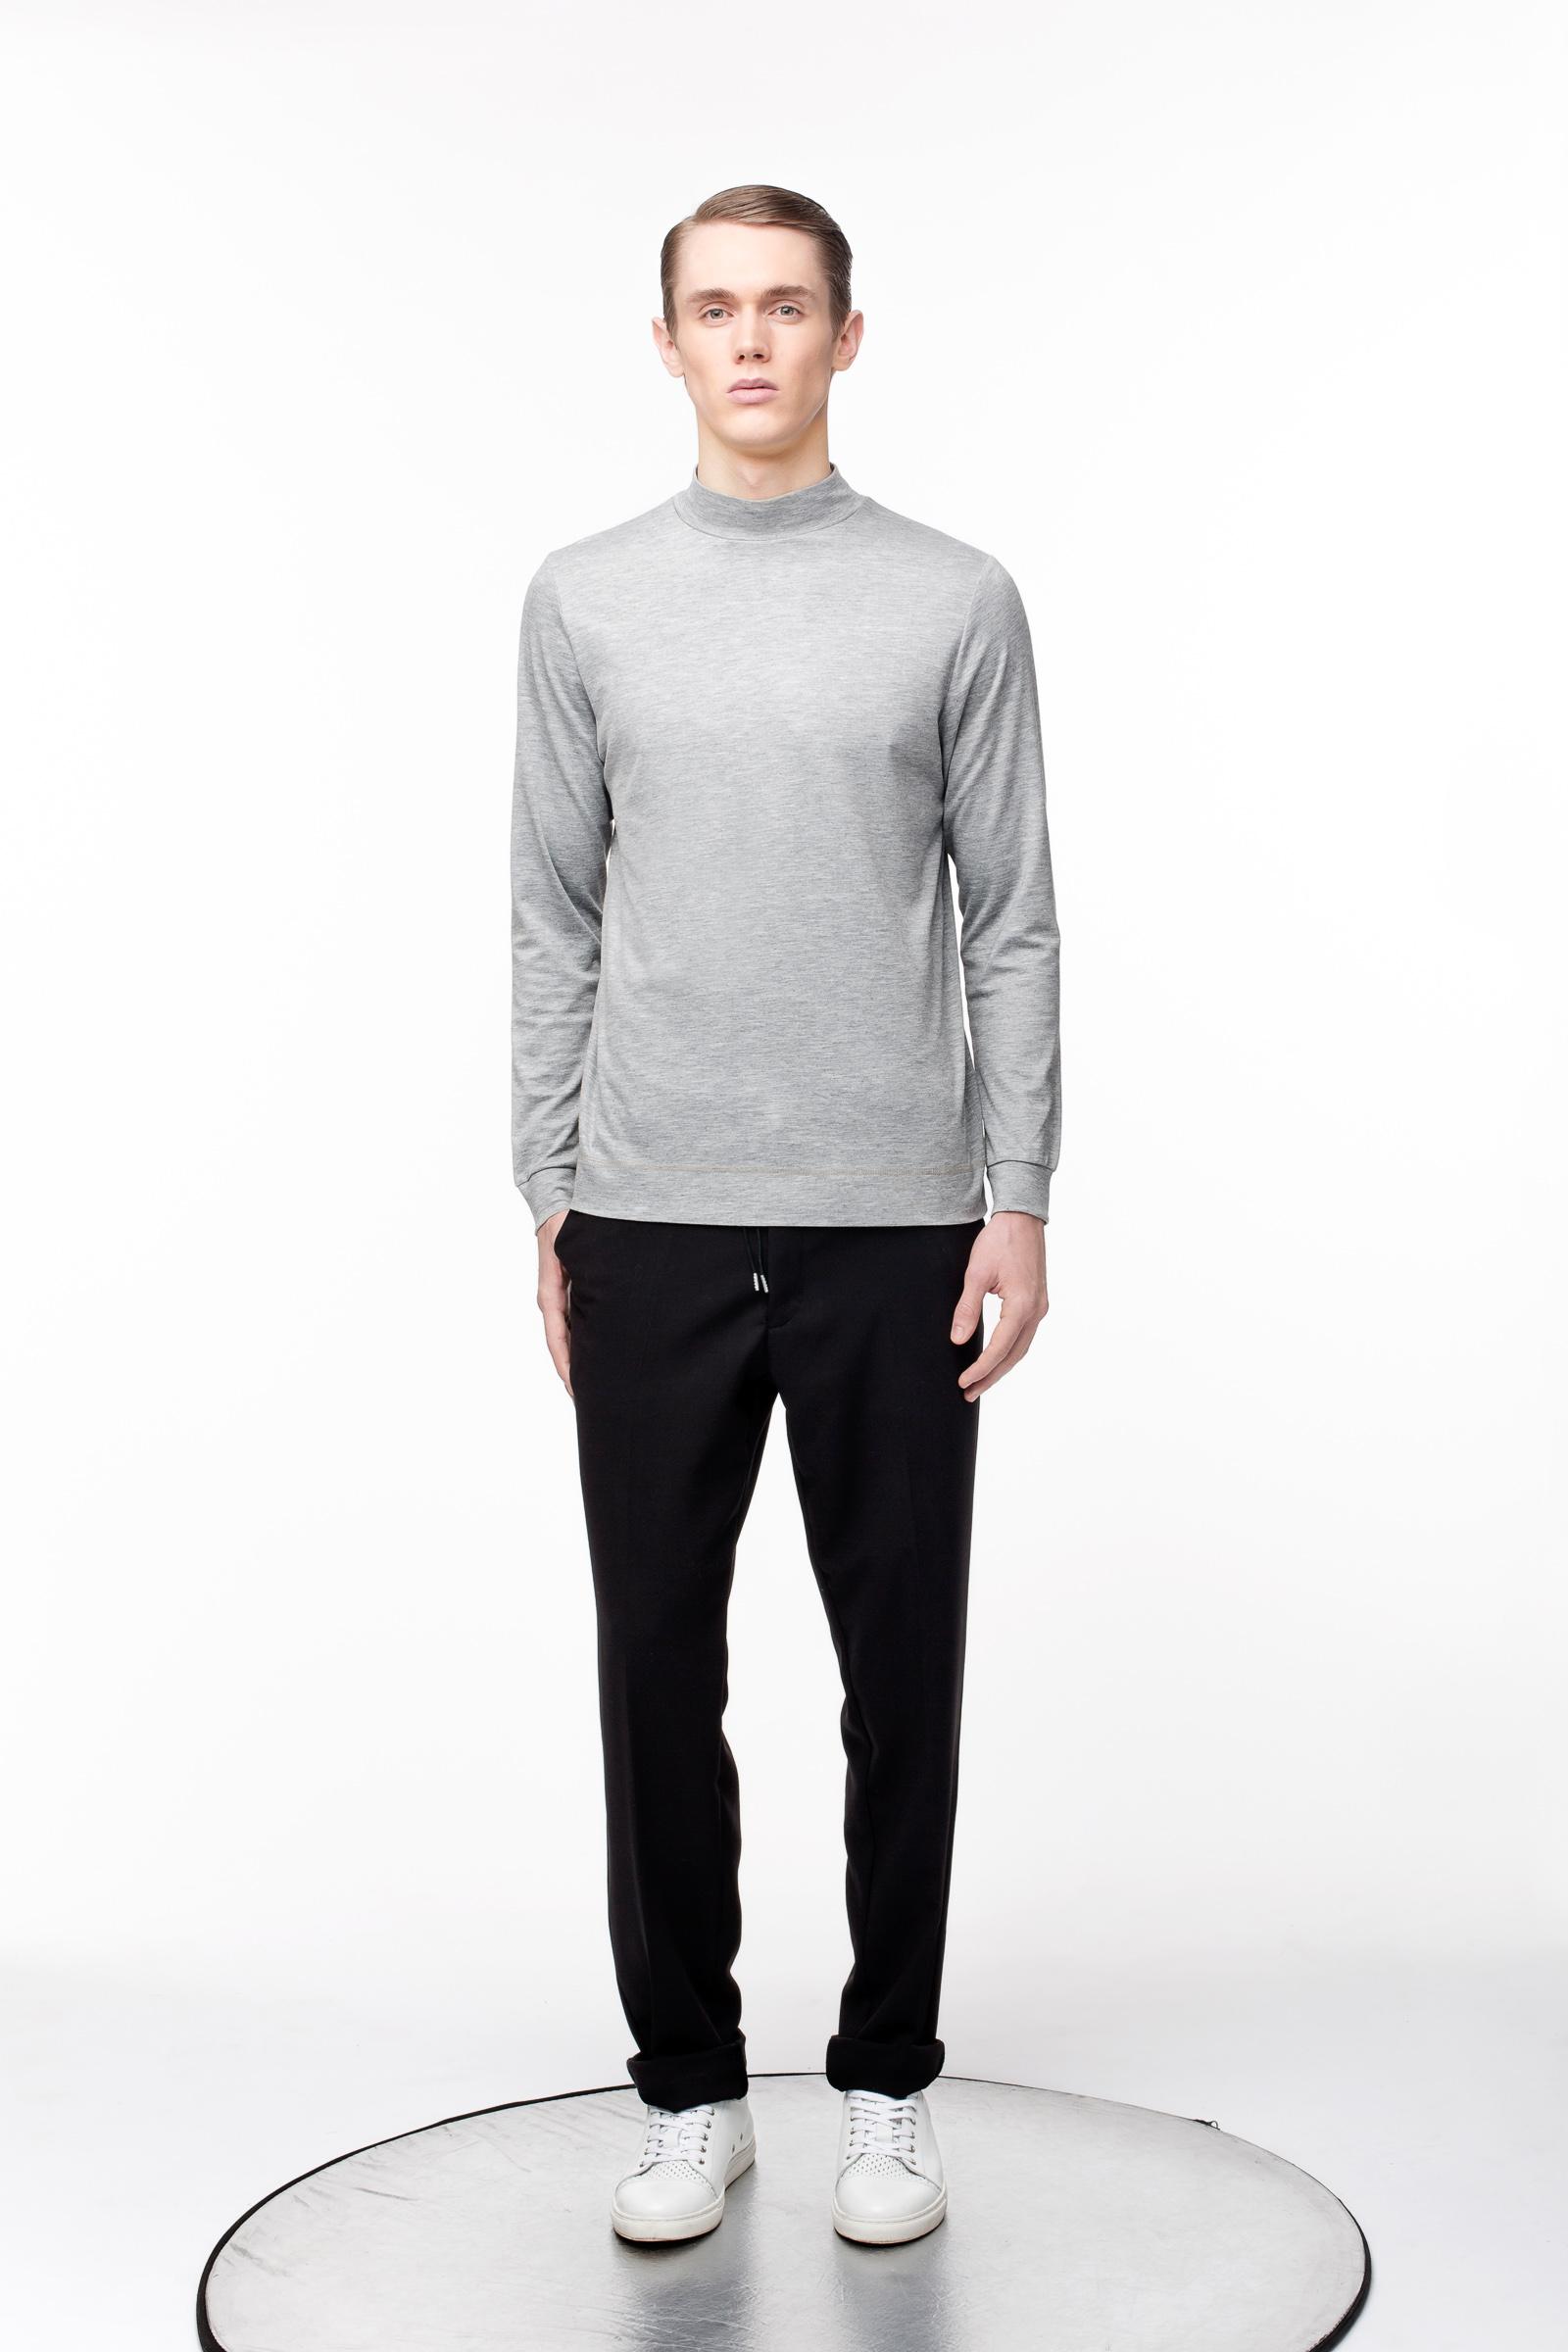 Frisur Clothing Arctica Autum Winter 2015 Blog Boheme